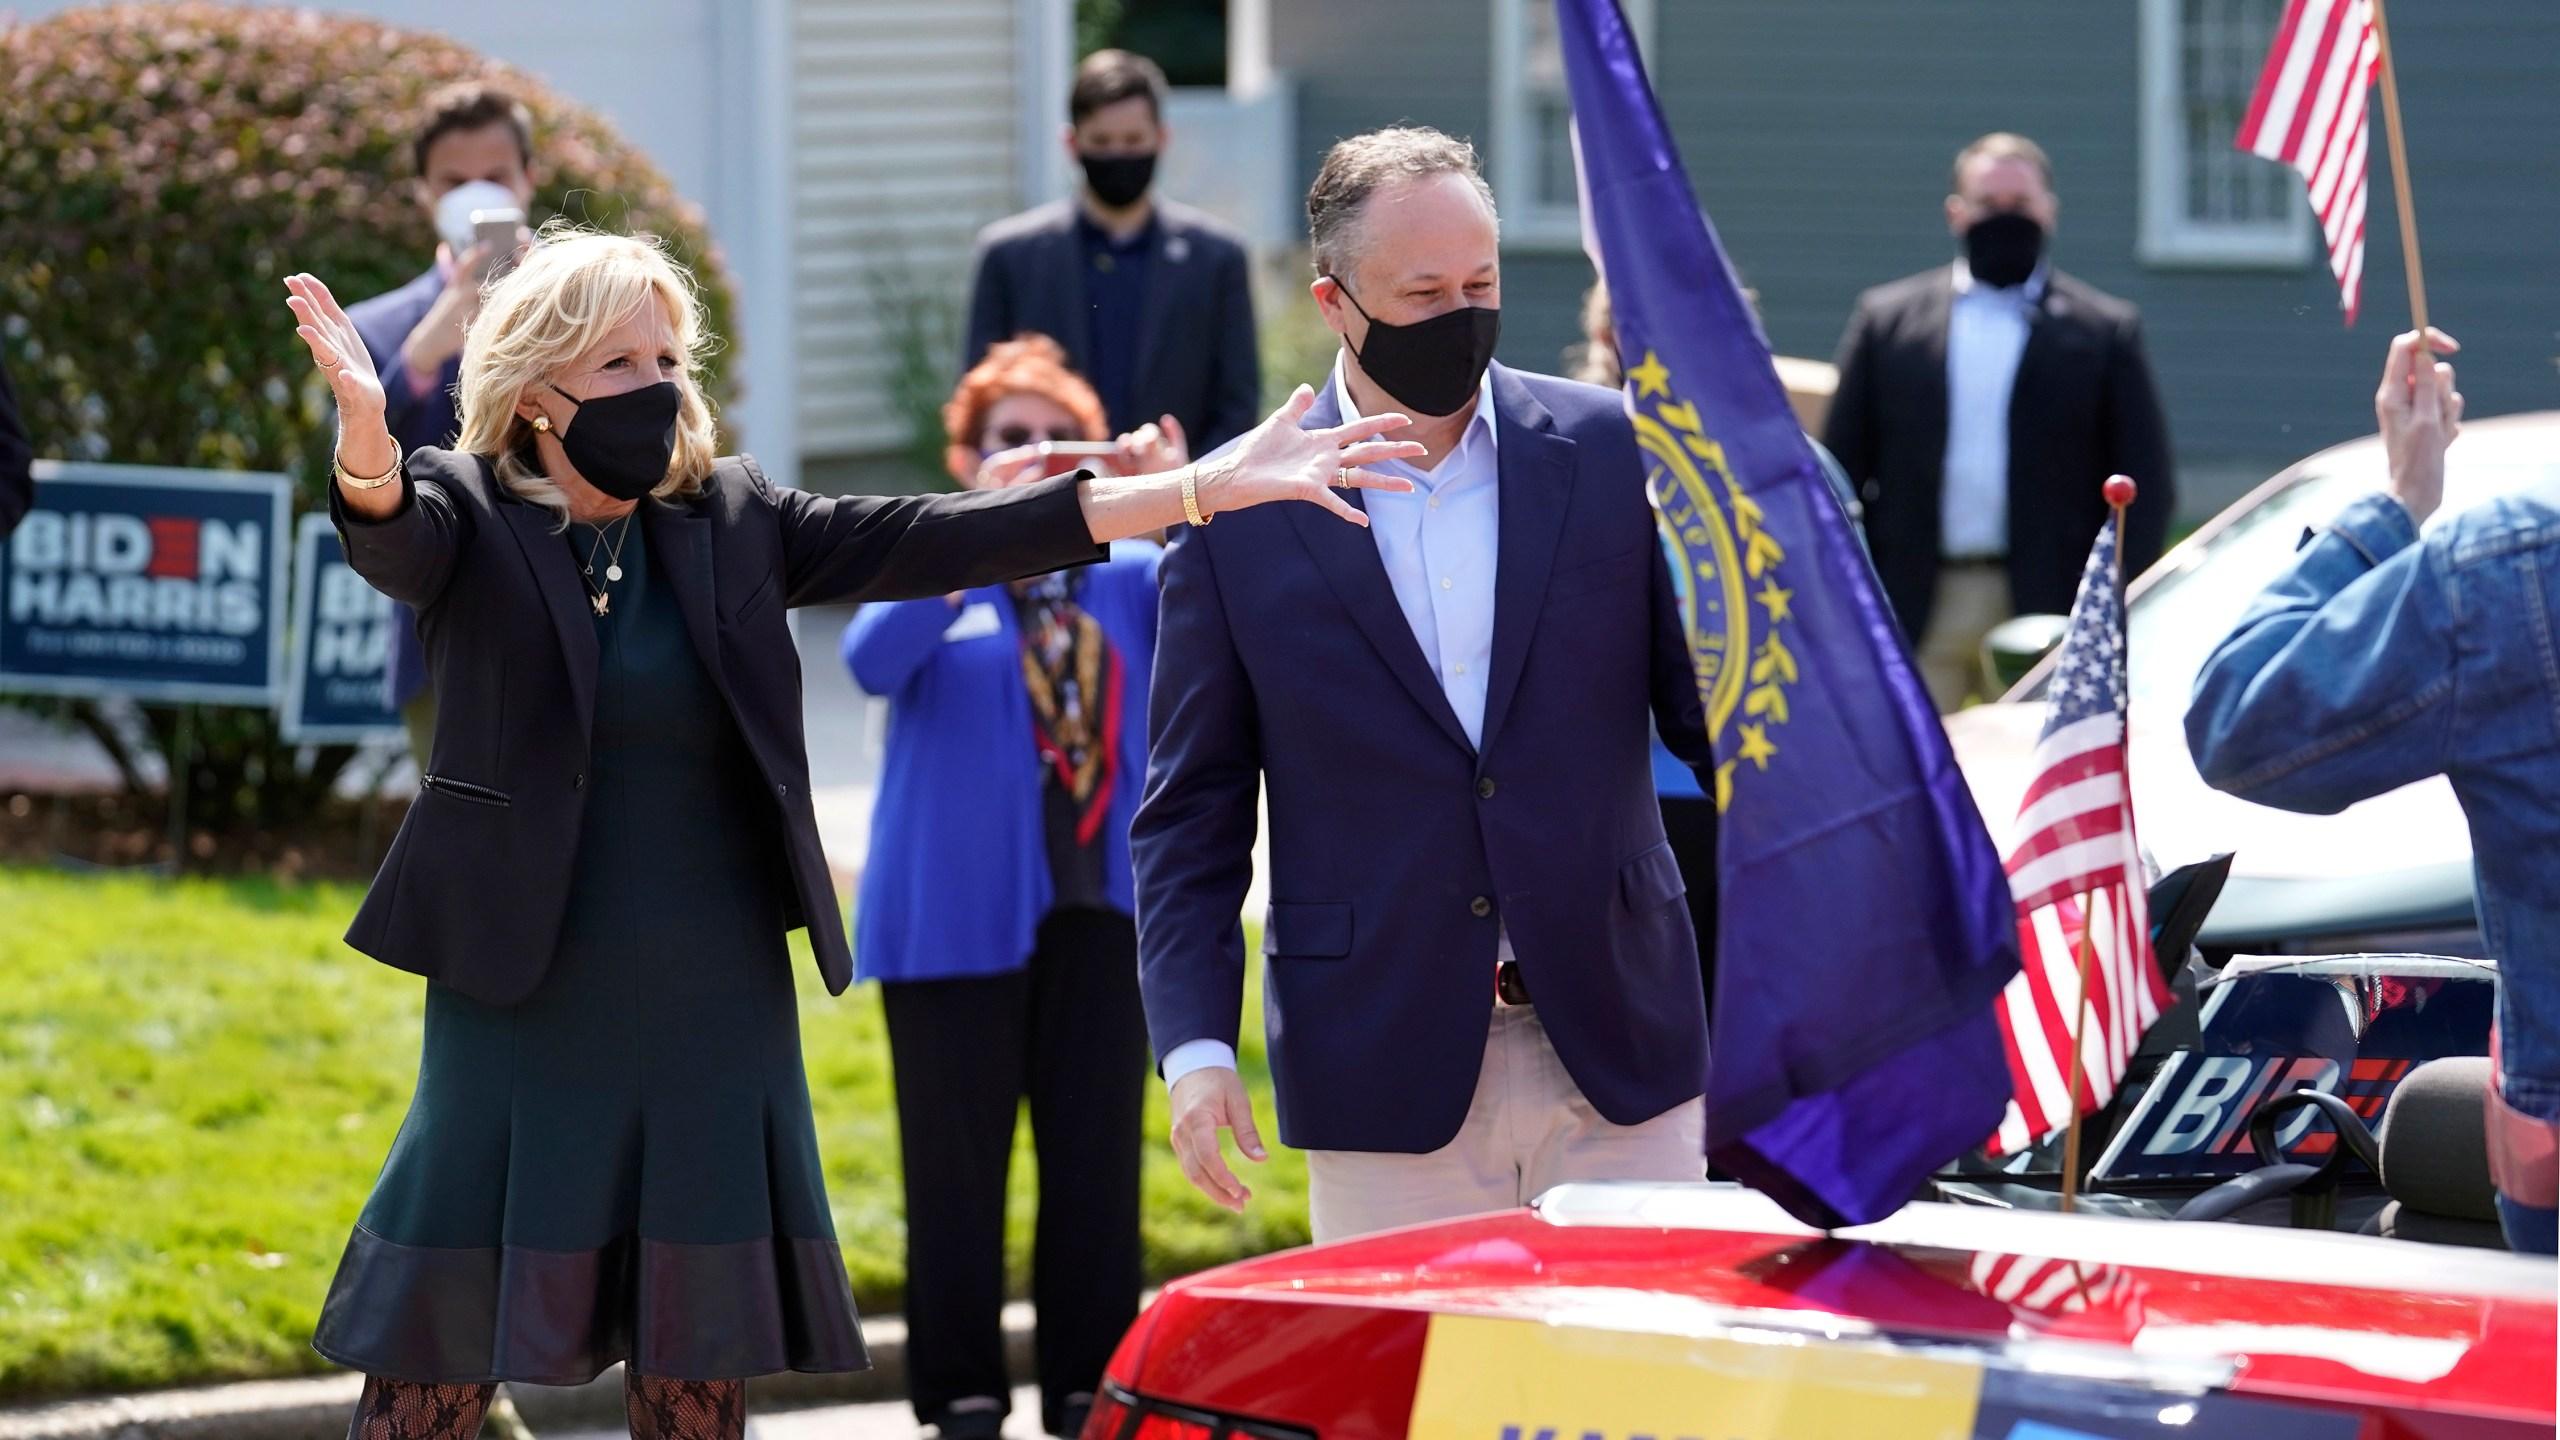 Jill Biden, Doug Emhoff